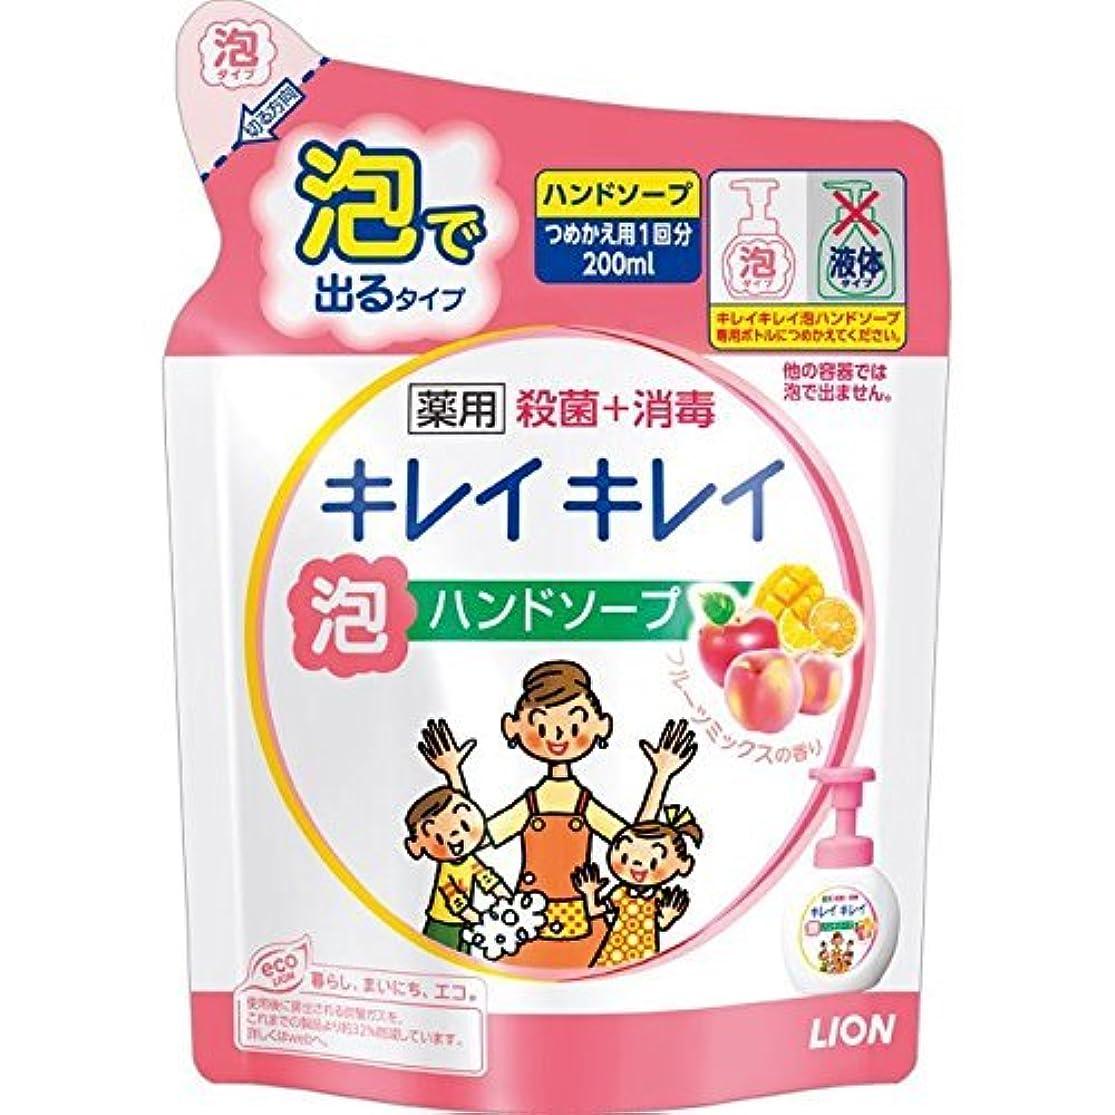 補償葉巻ベルベットキレイキレイ 薬用泡ハンドソープ フルーツミックスの香り つめかえ用 通常サイズ 200ml ×20個セット